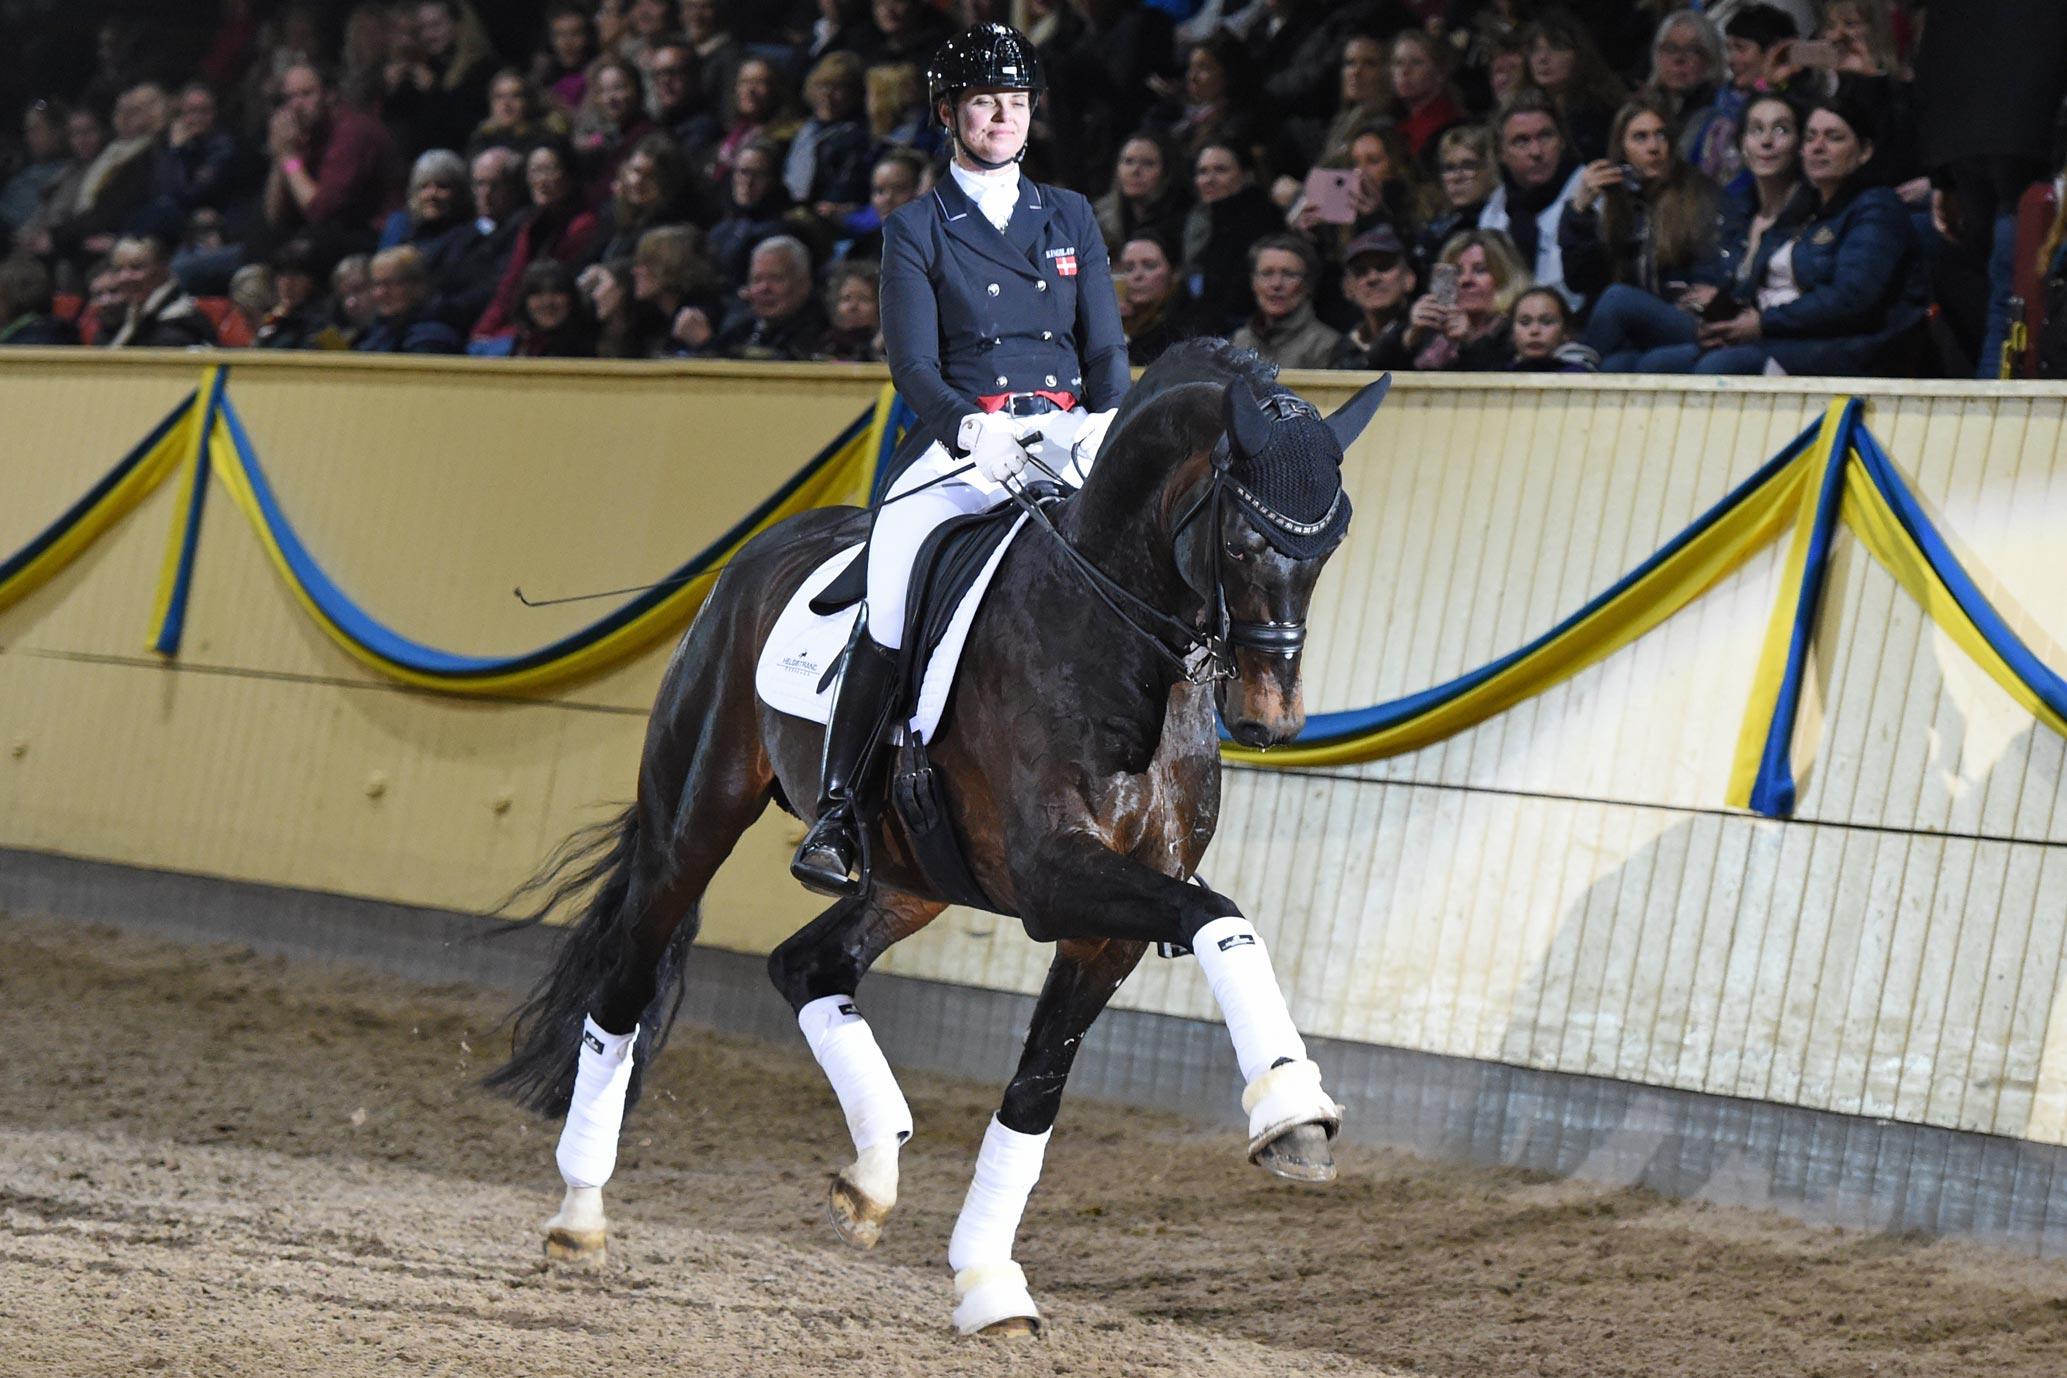 Bettina Jäger med Franklin 9118 (KWPN hingst f-10 e Ampere u Wakle M e Ferro-Flemmingh)